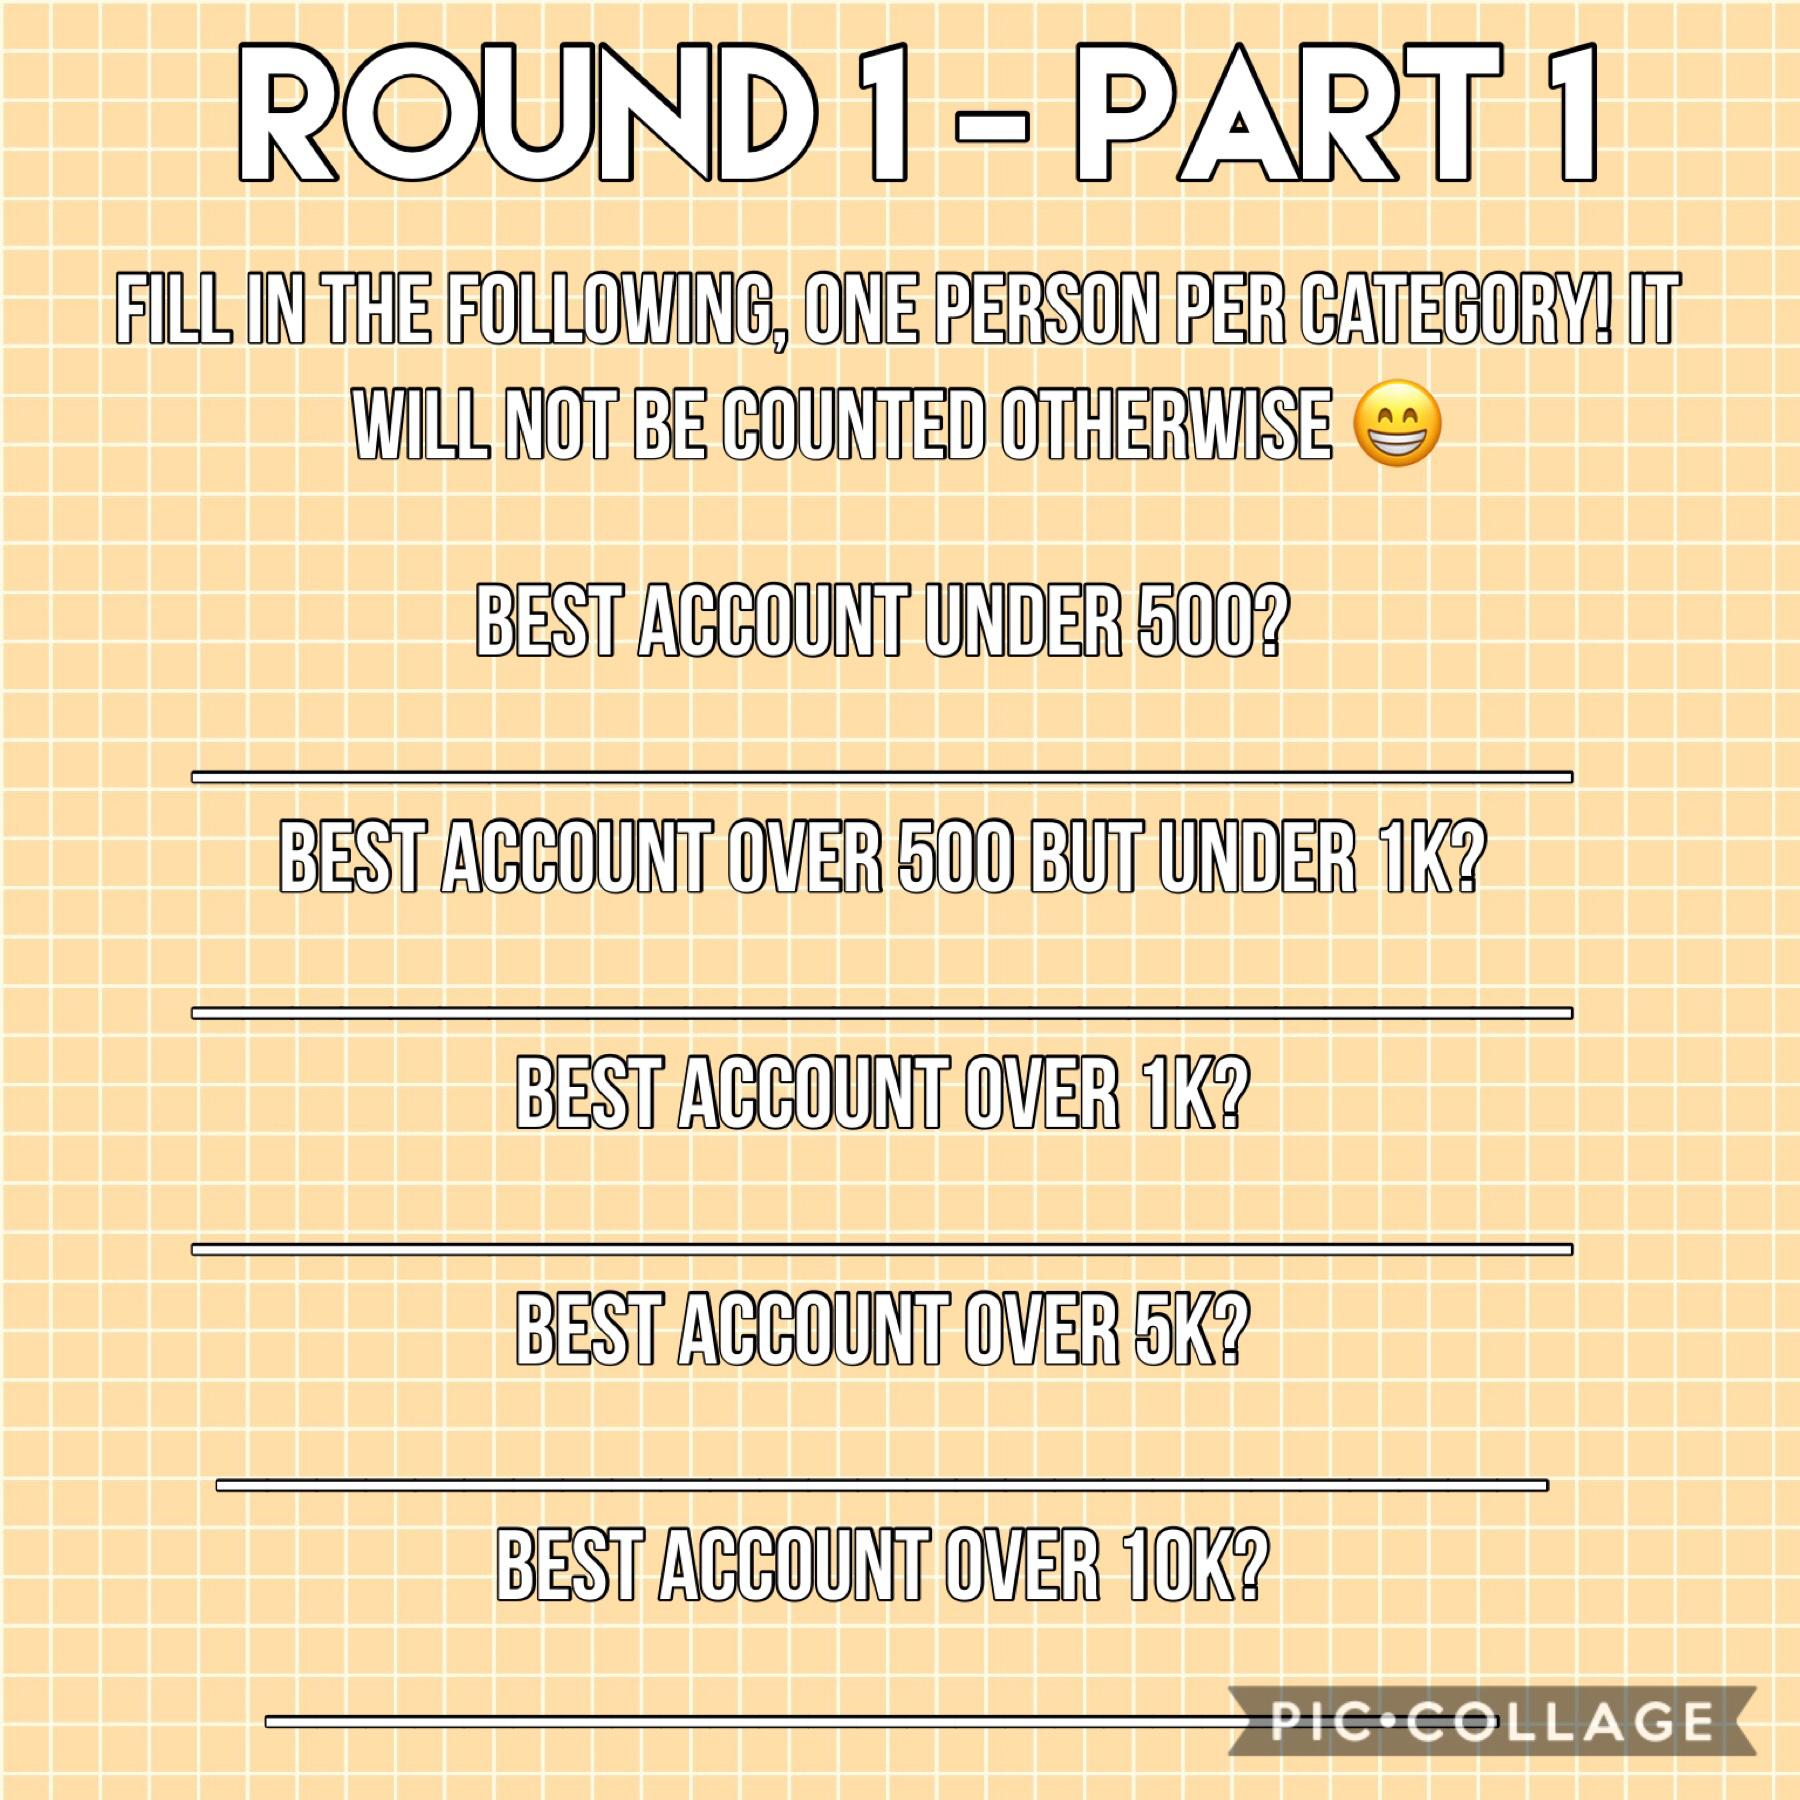 Round 1 - Part 1